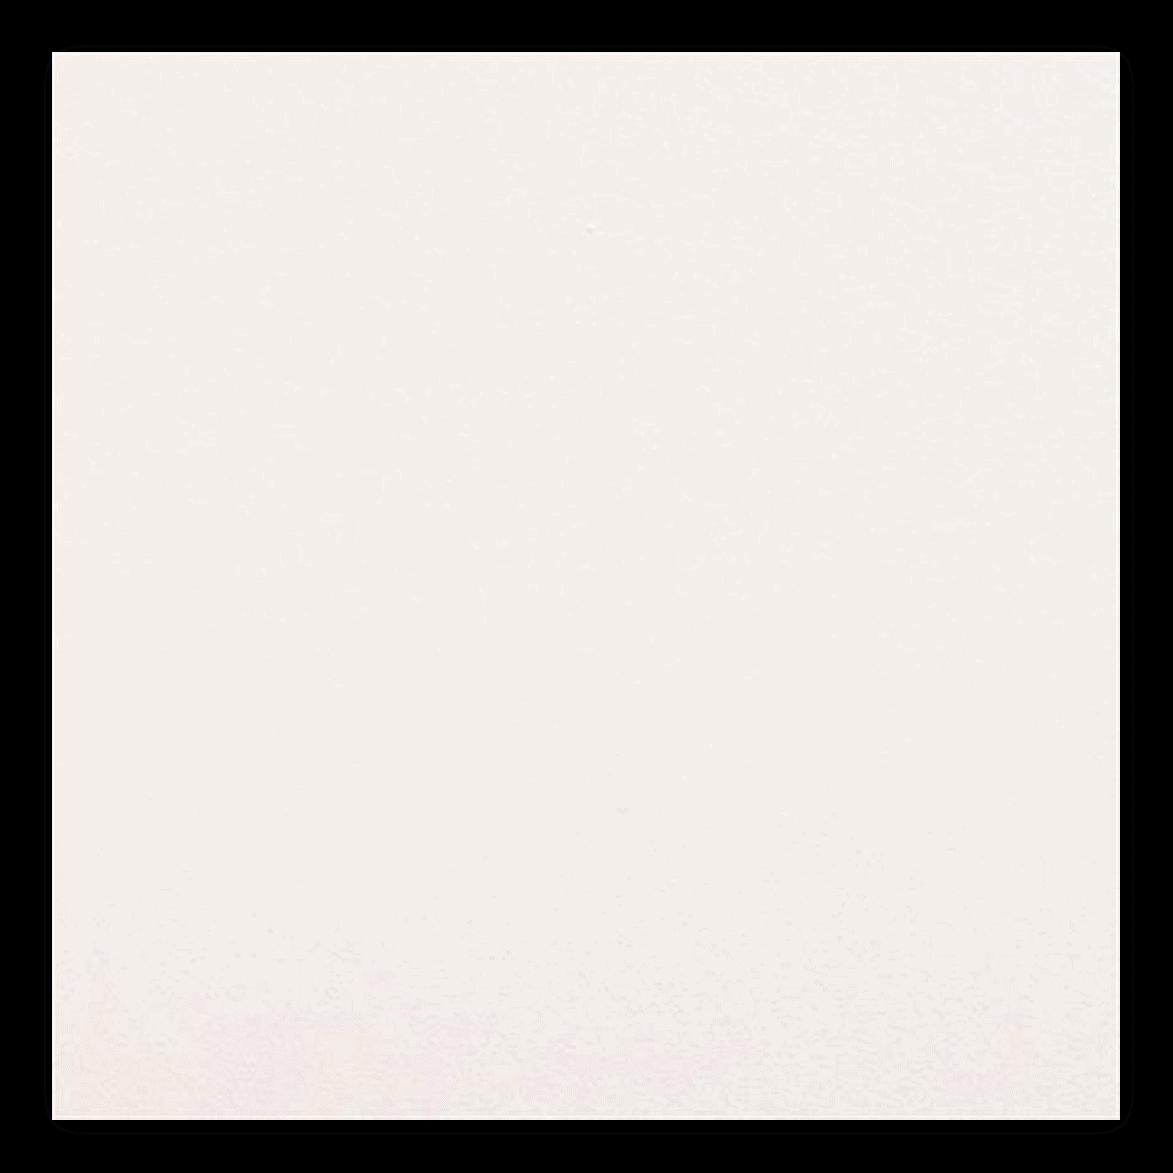 Endura_DIAMOND_WHITE2